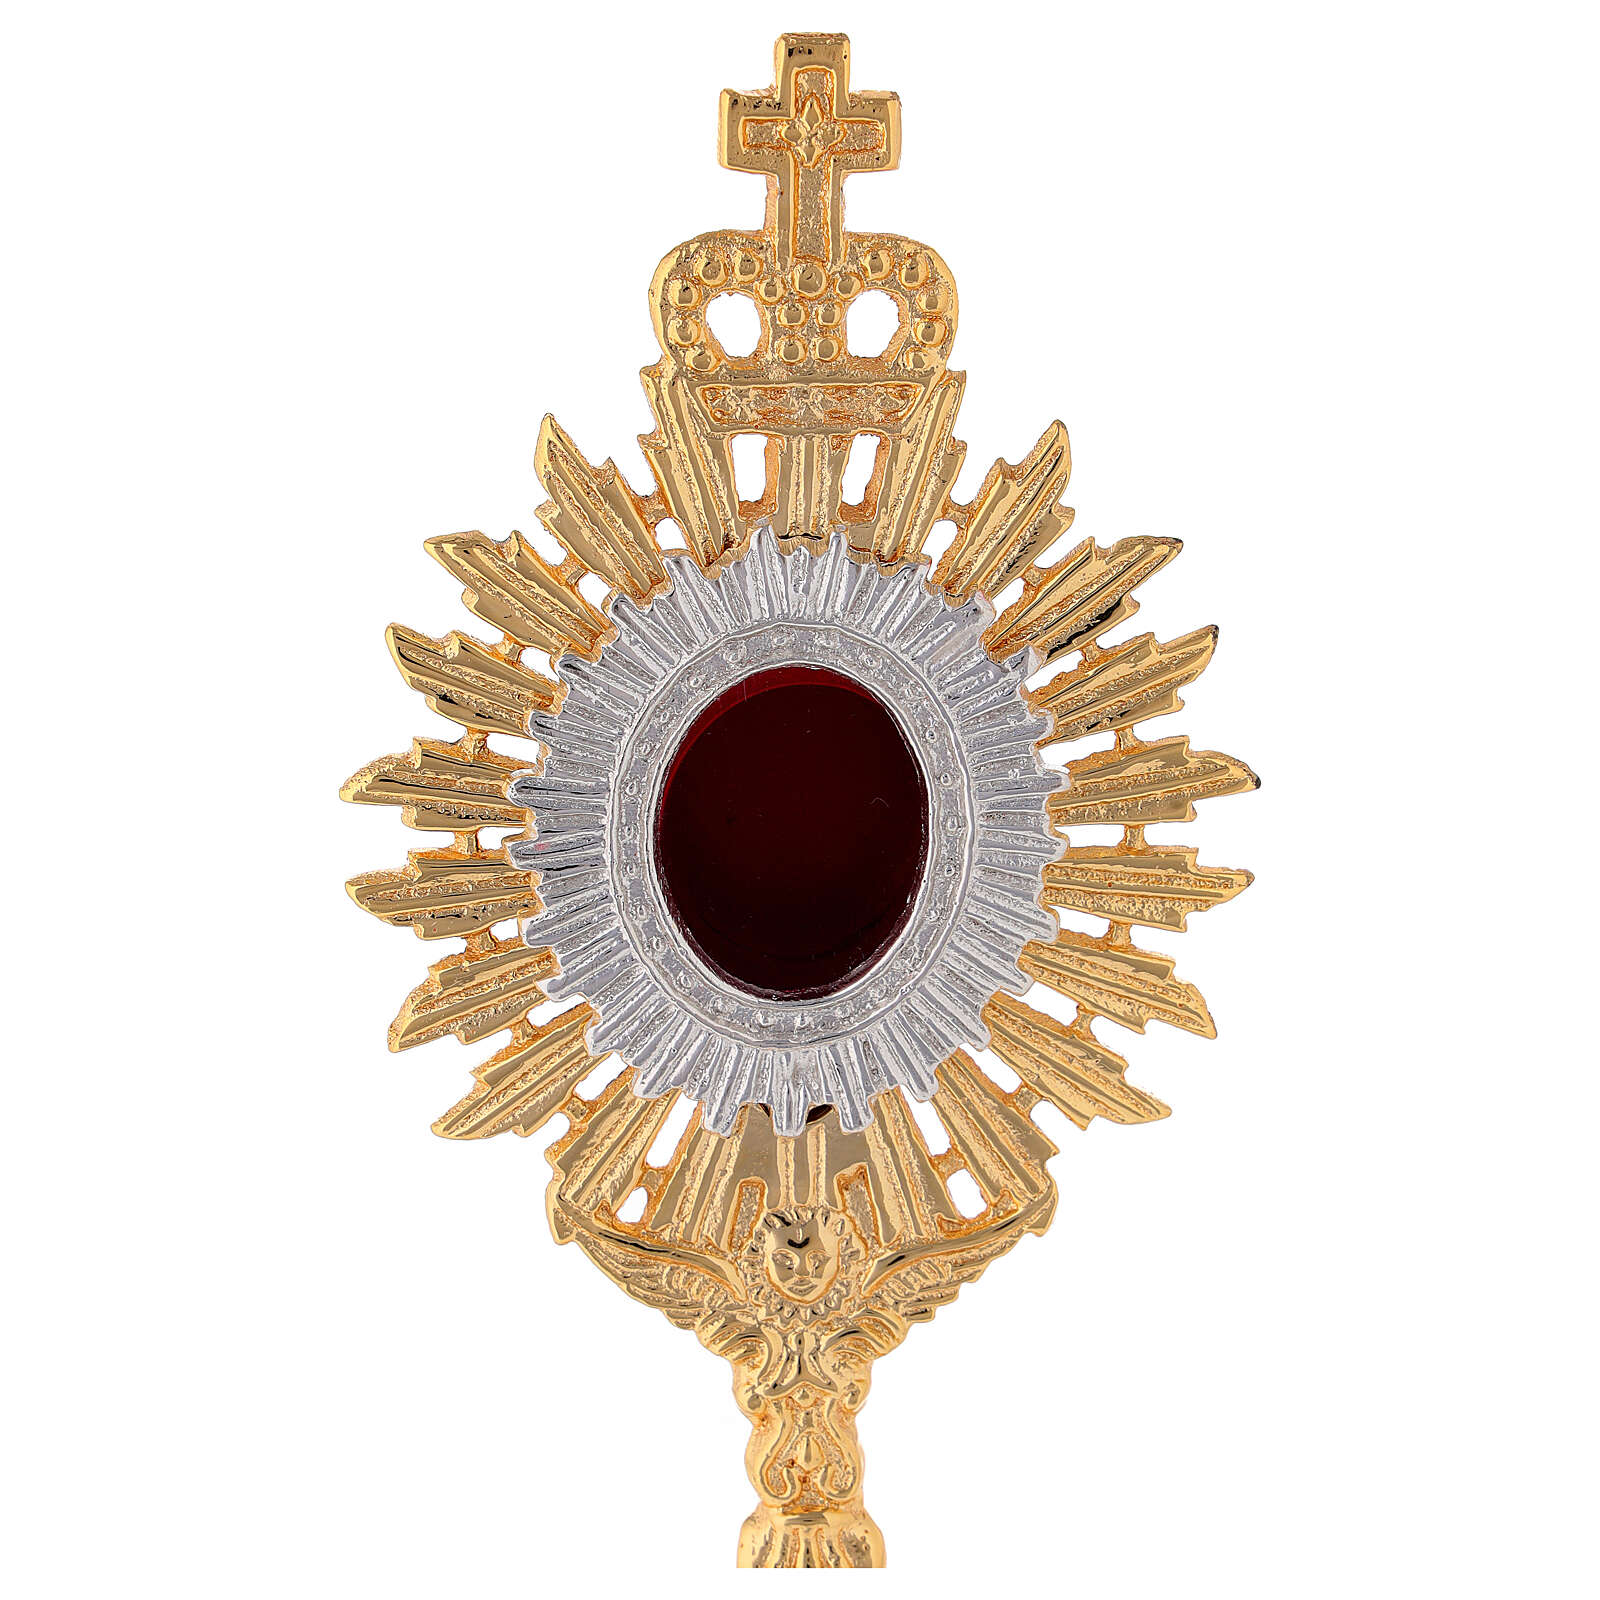 Mini reliquiario ottone dorato h 18 cm corona regale raggiera 4